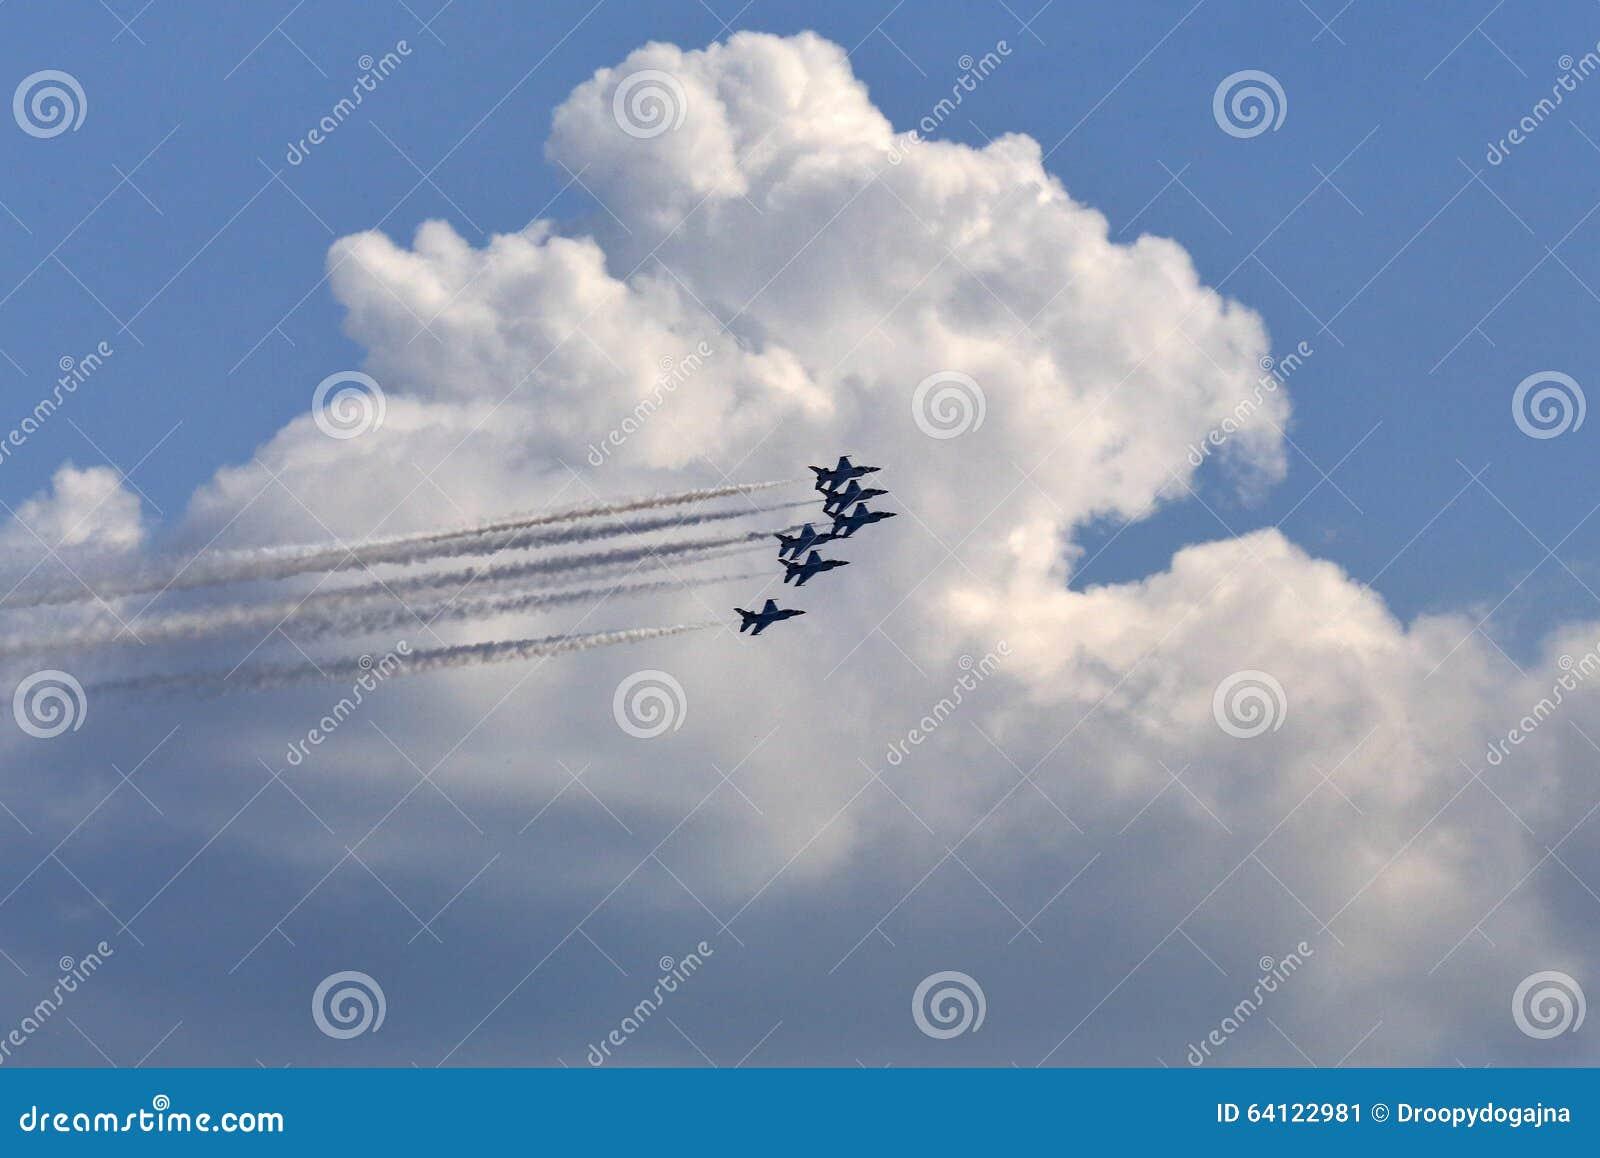 The Air Force Thunderbirds